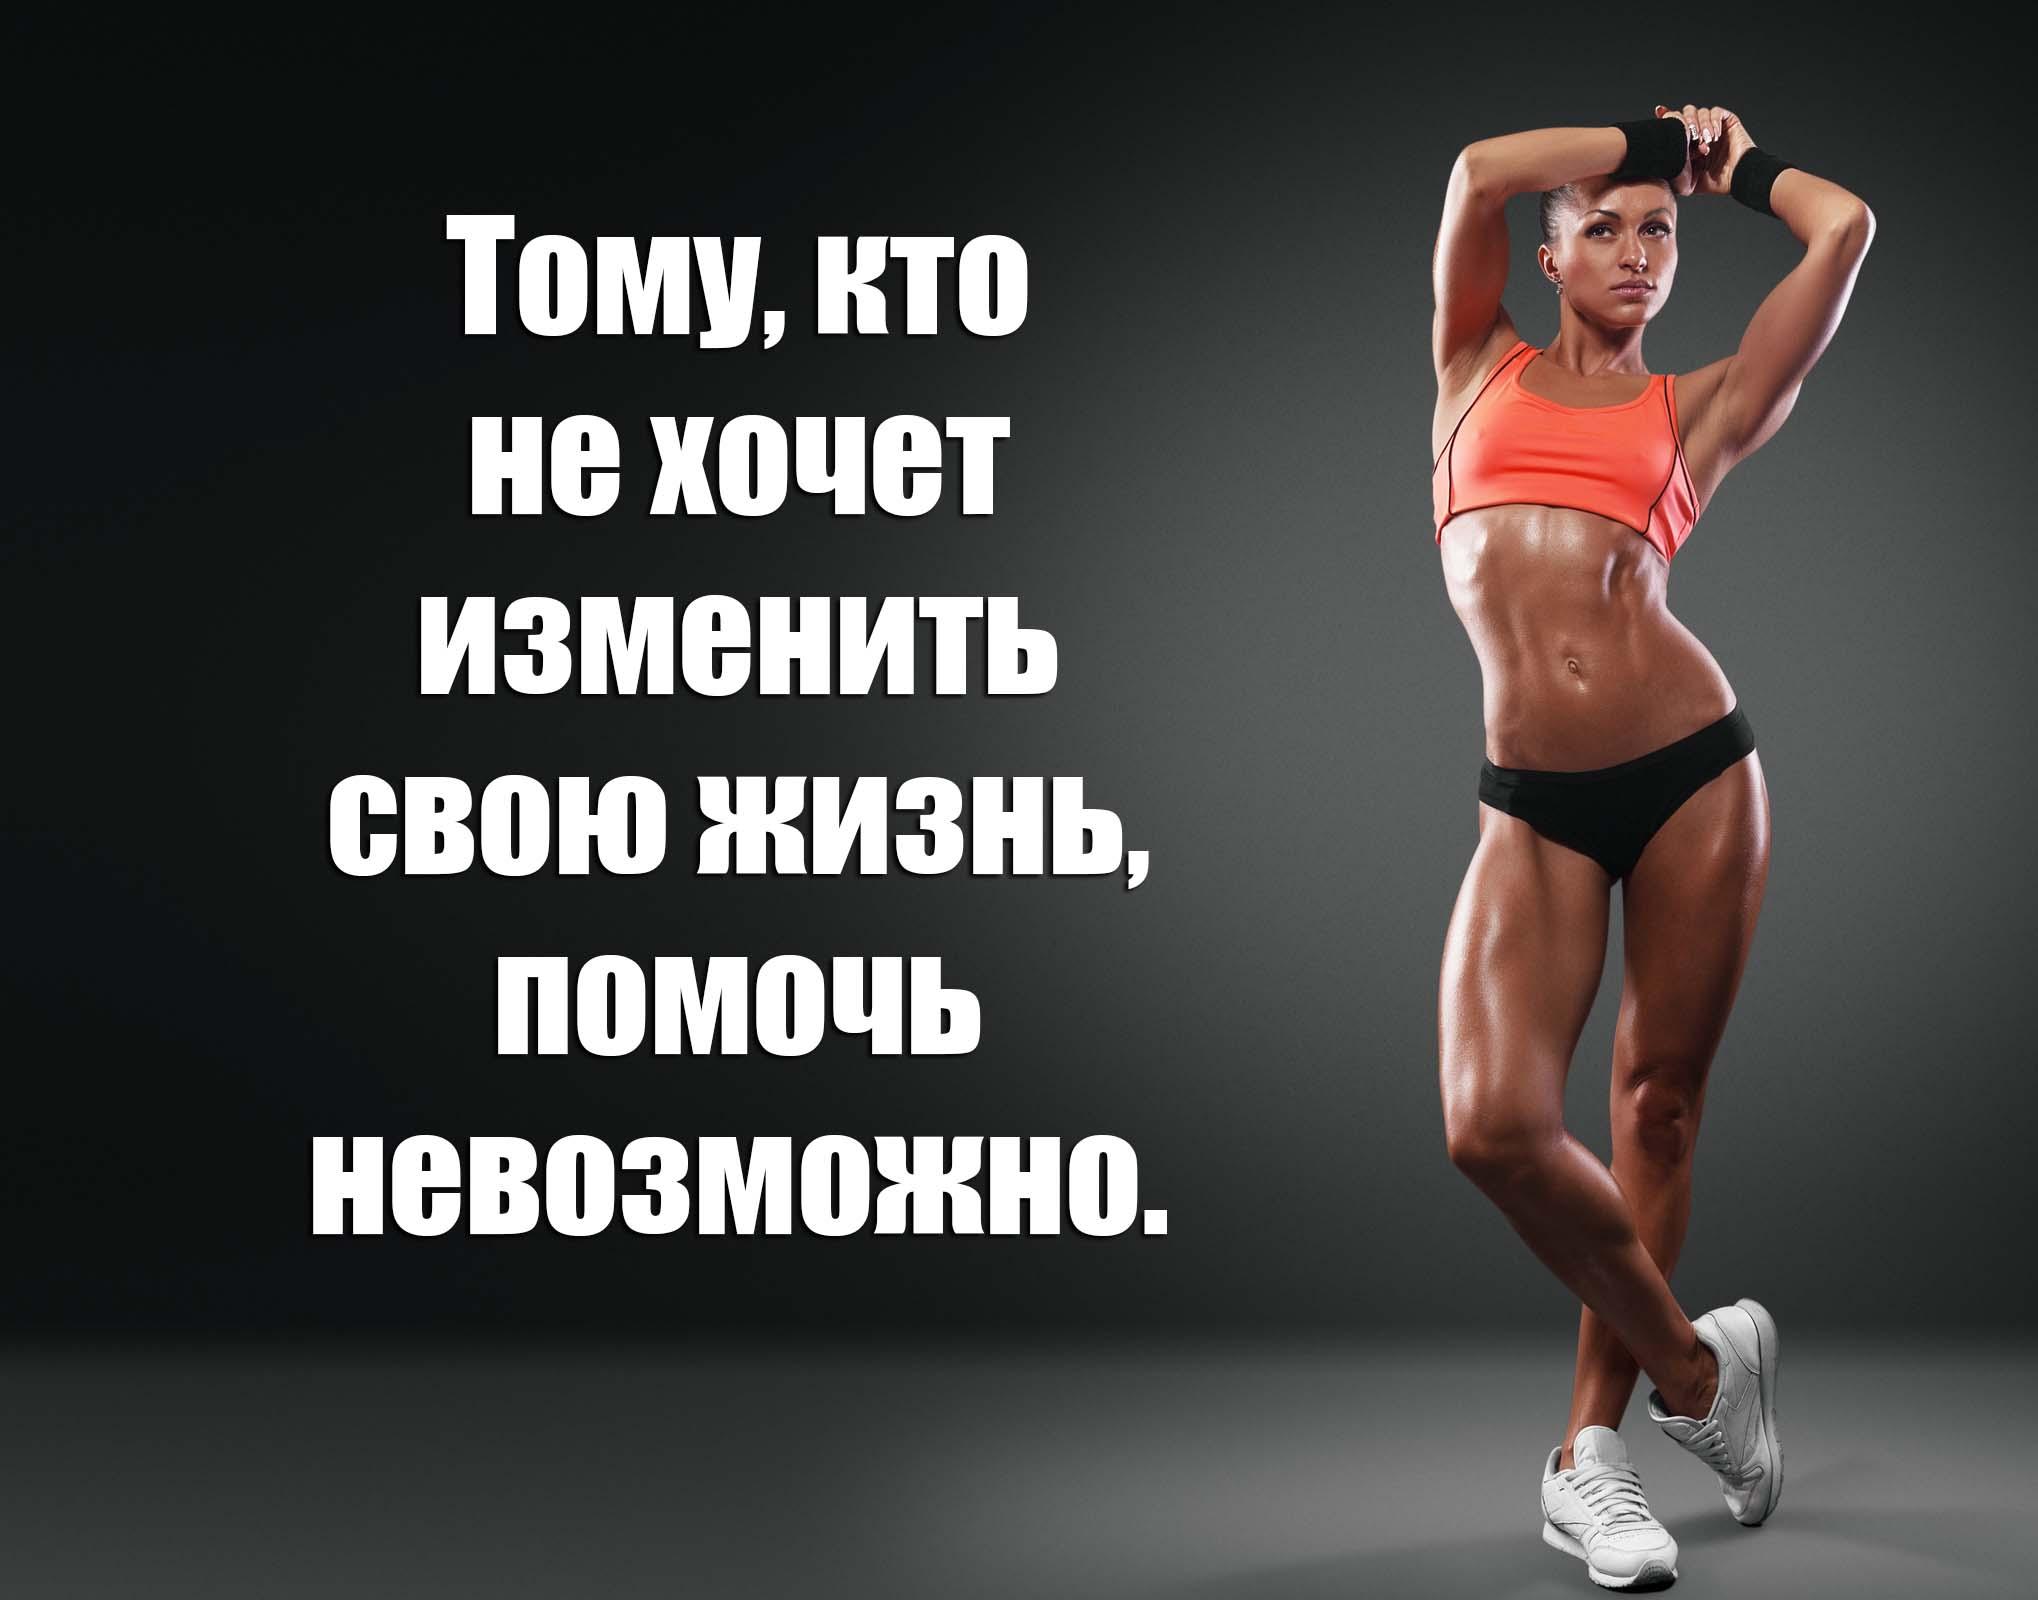 Мотивация к похудению фото картинки цитаты